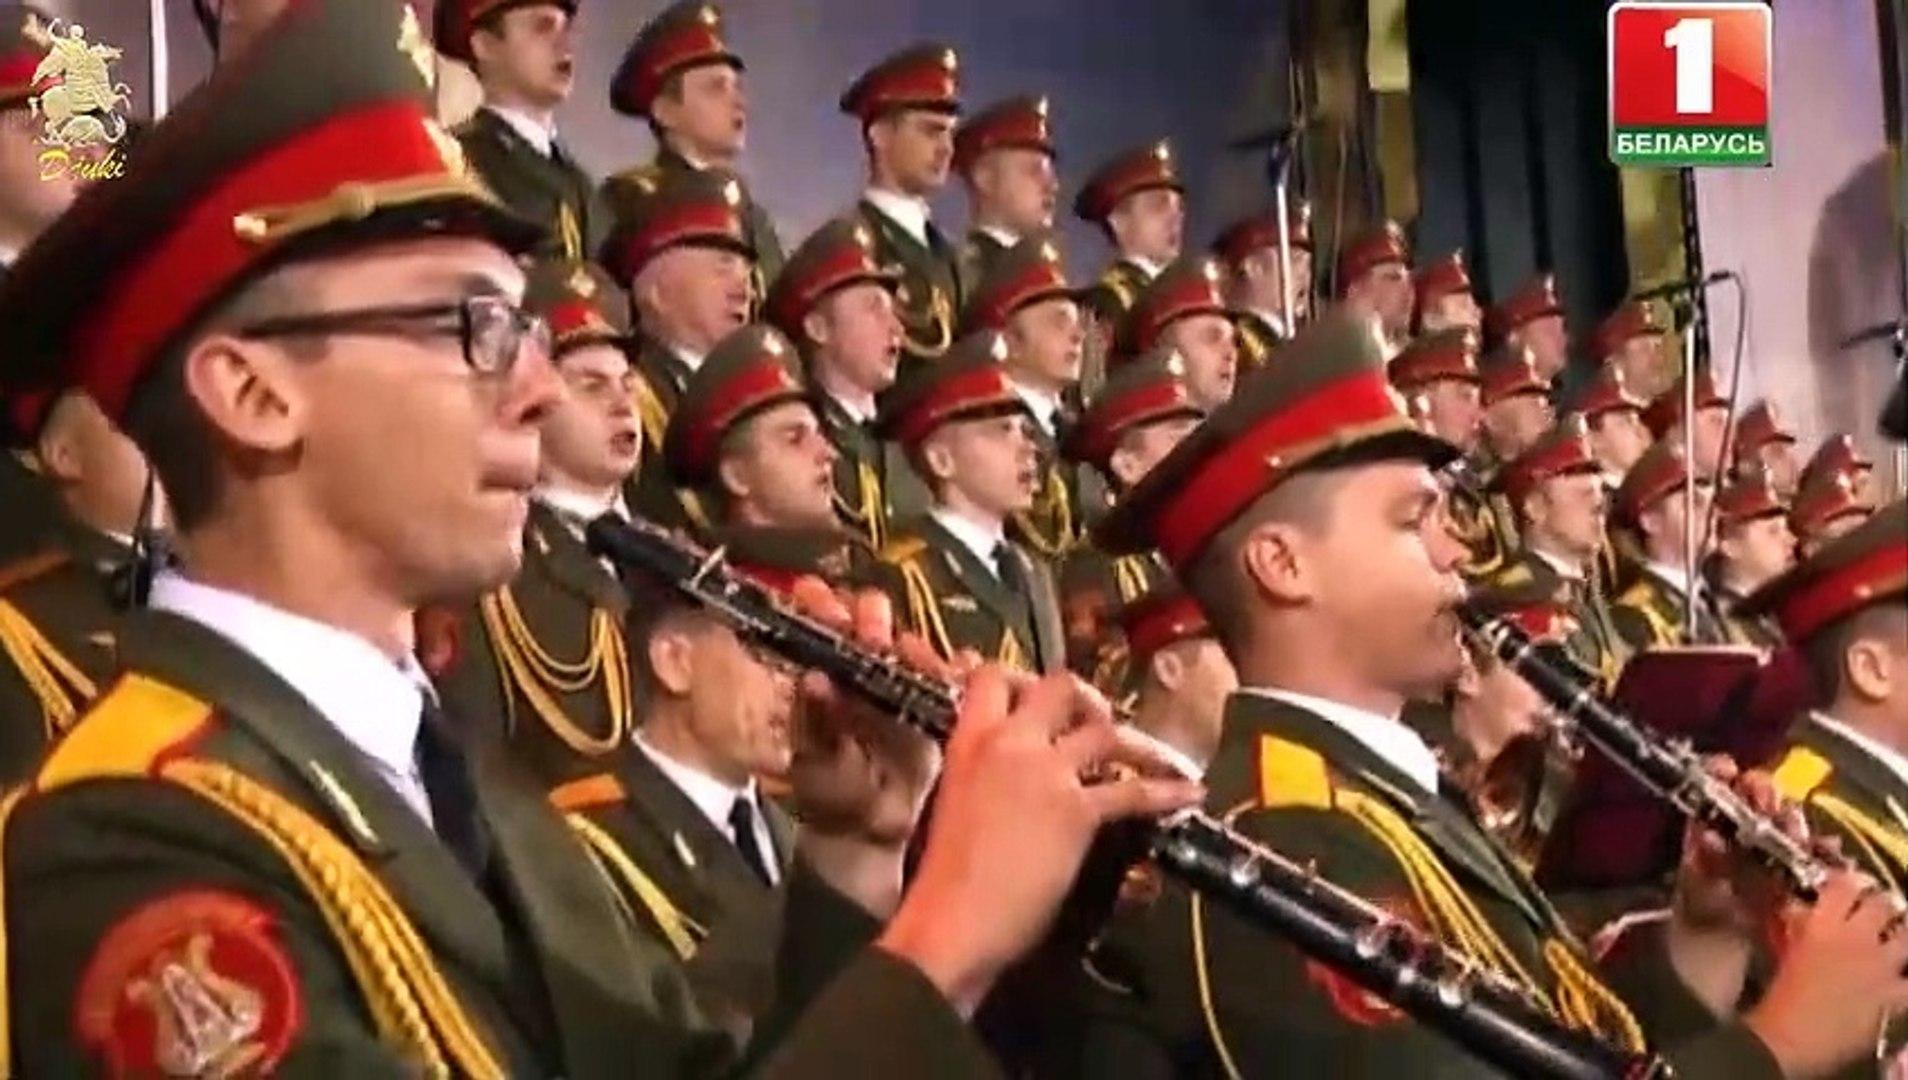 Potpourri on themes military songs - Alexandrov Ensemble (2016)